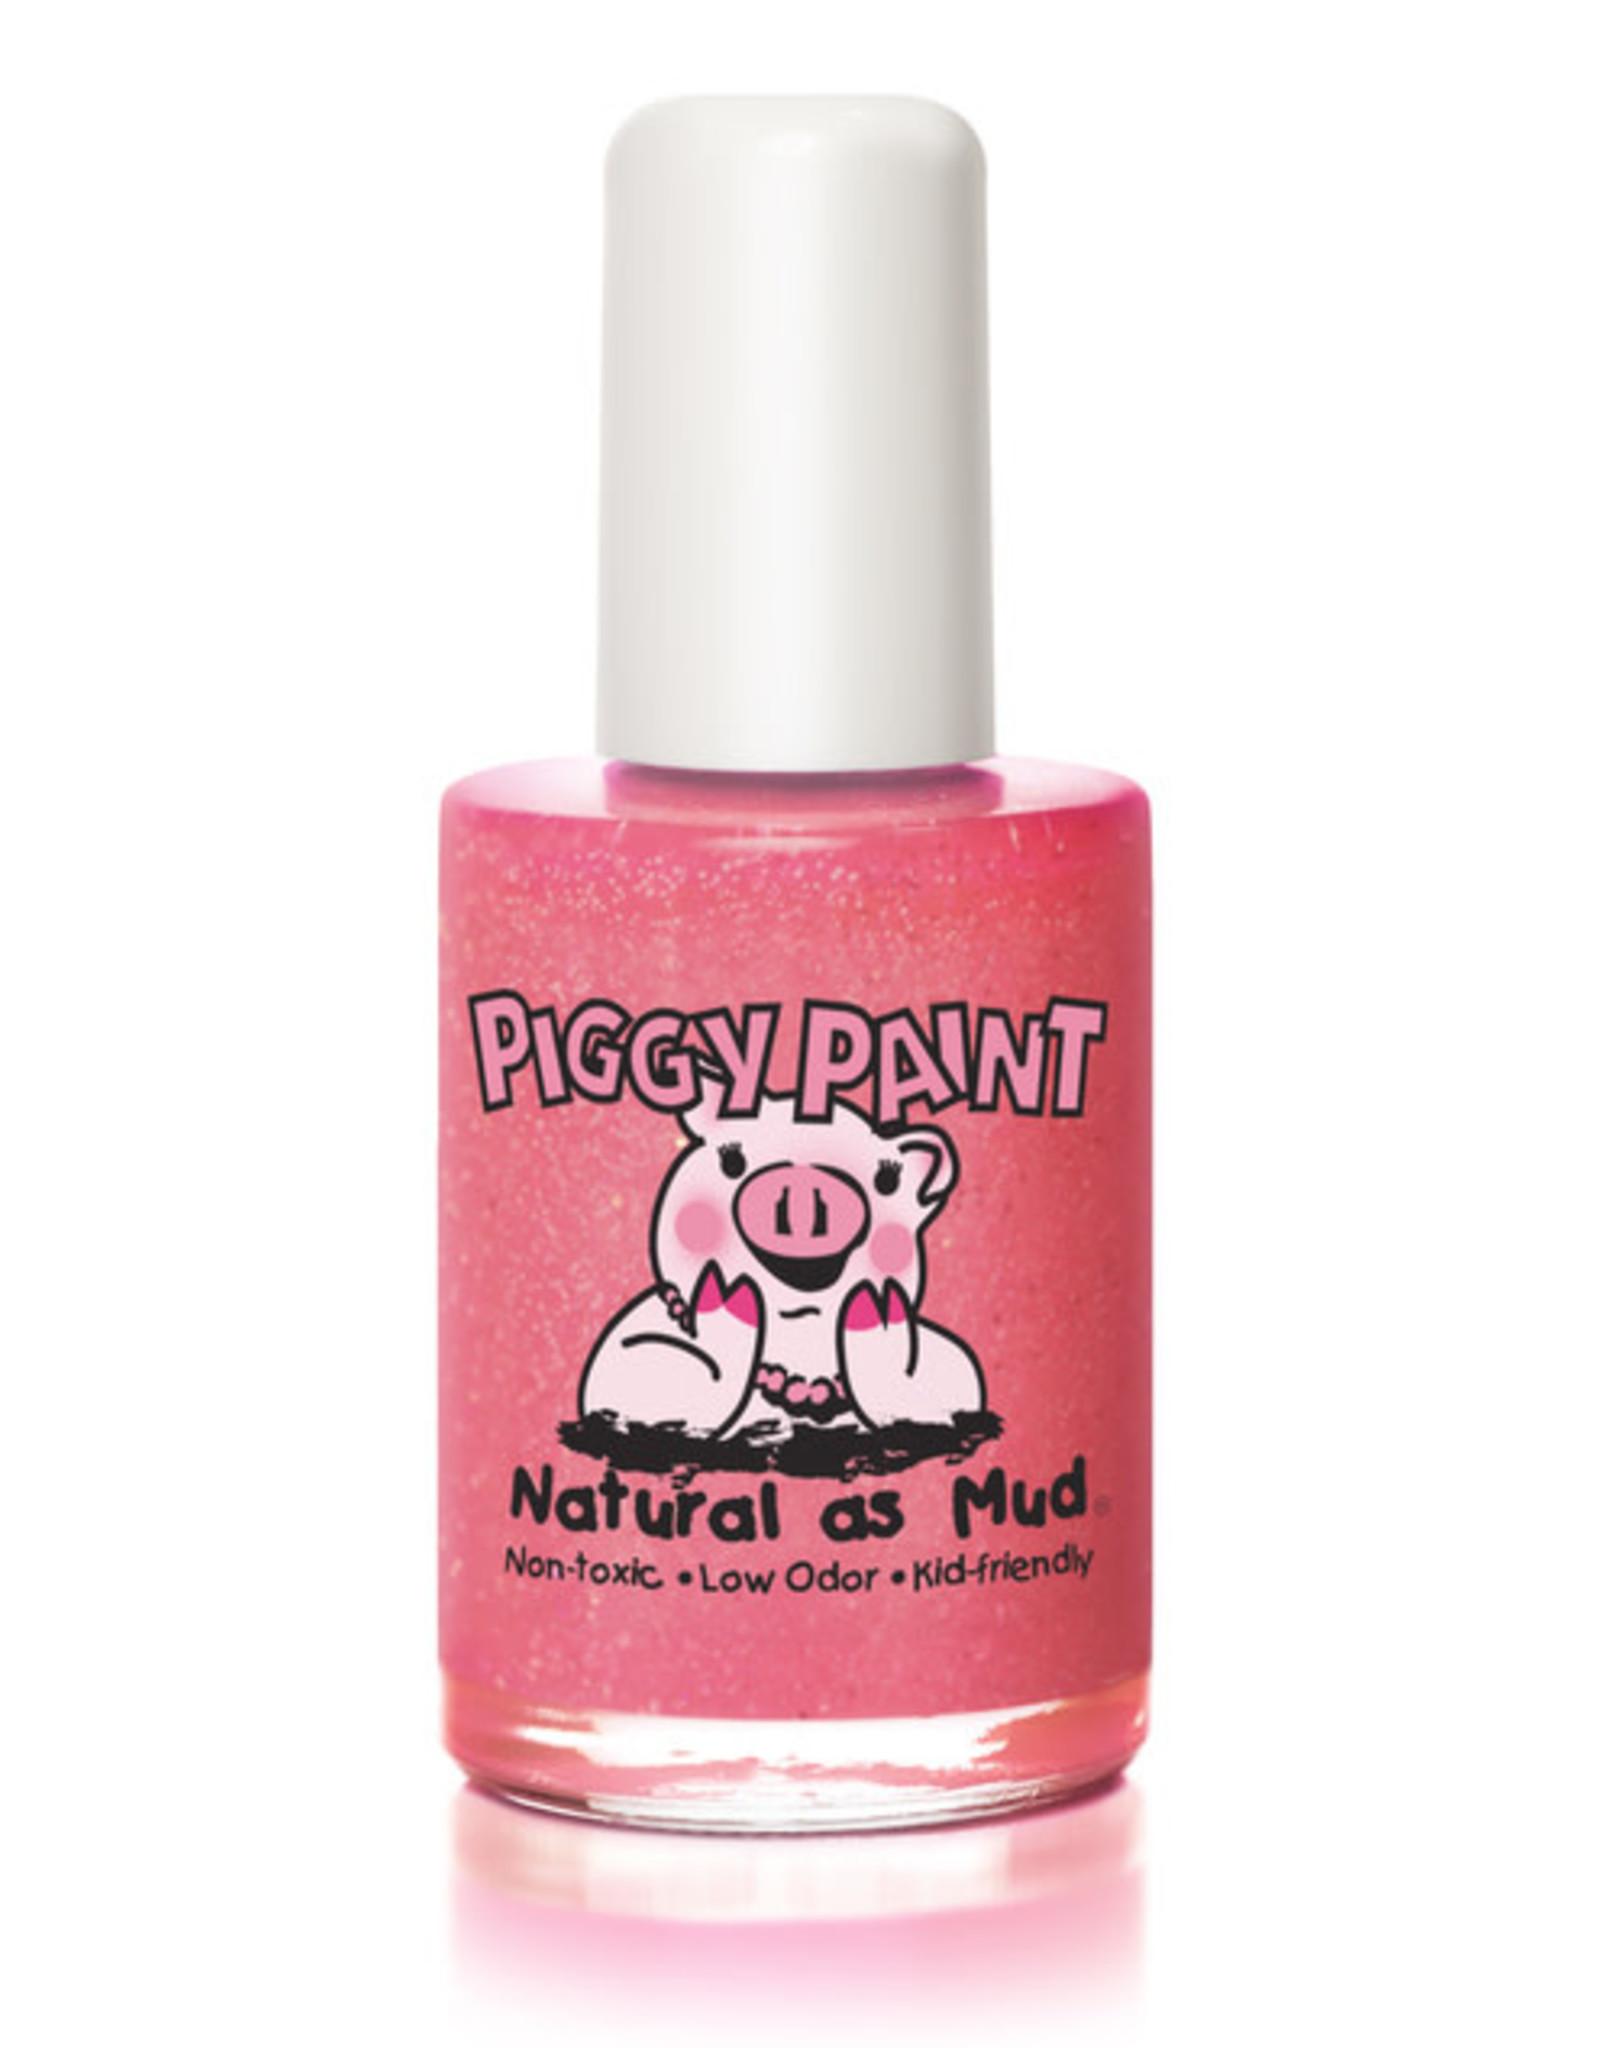 Piggy Paint Piggy Paint - Shimmy Shimmy Pop